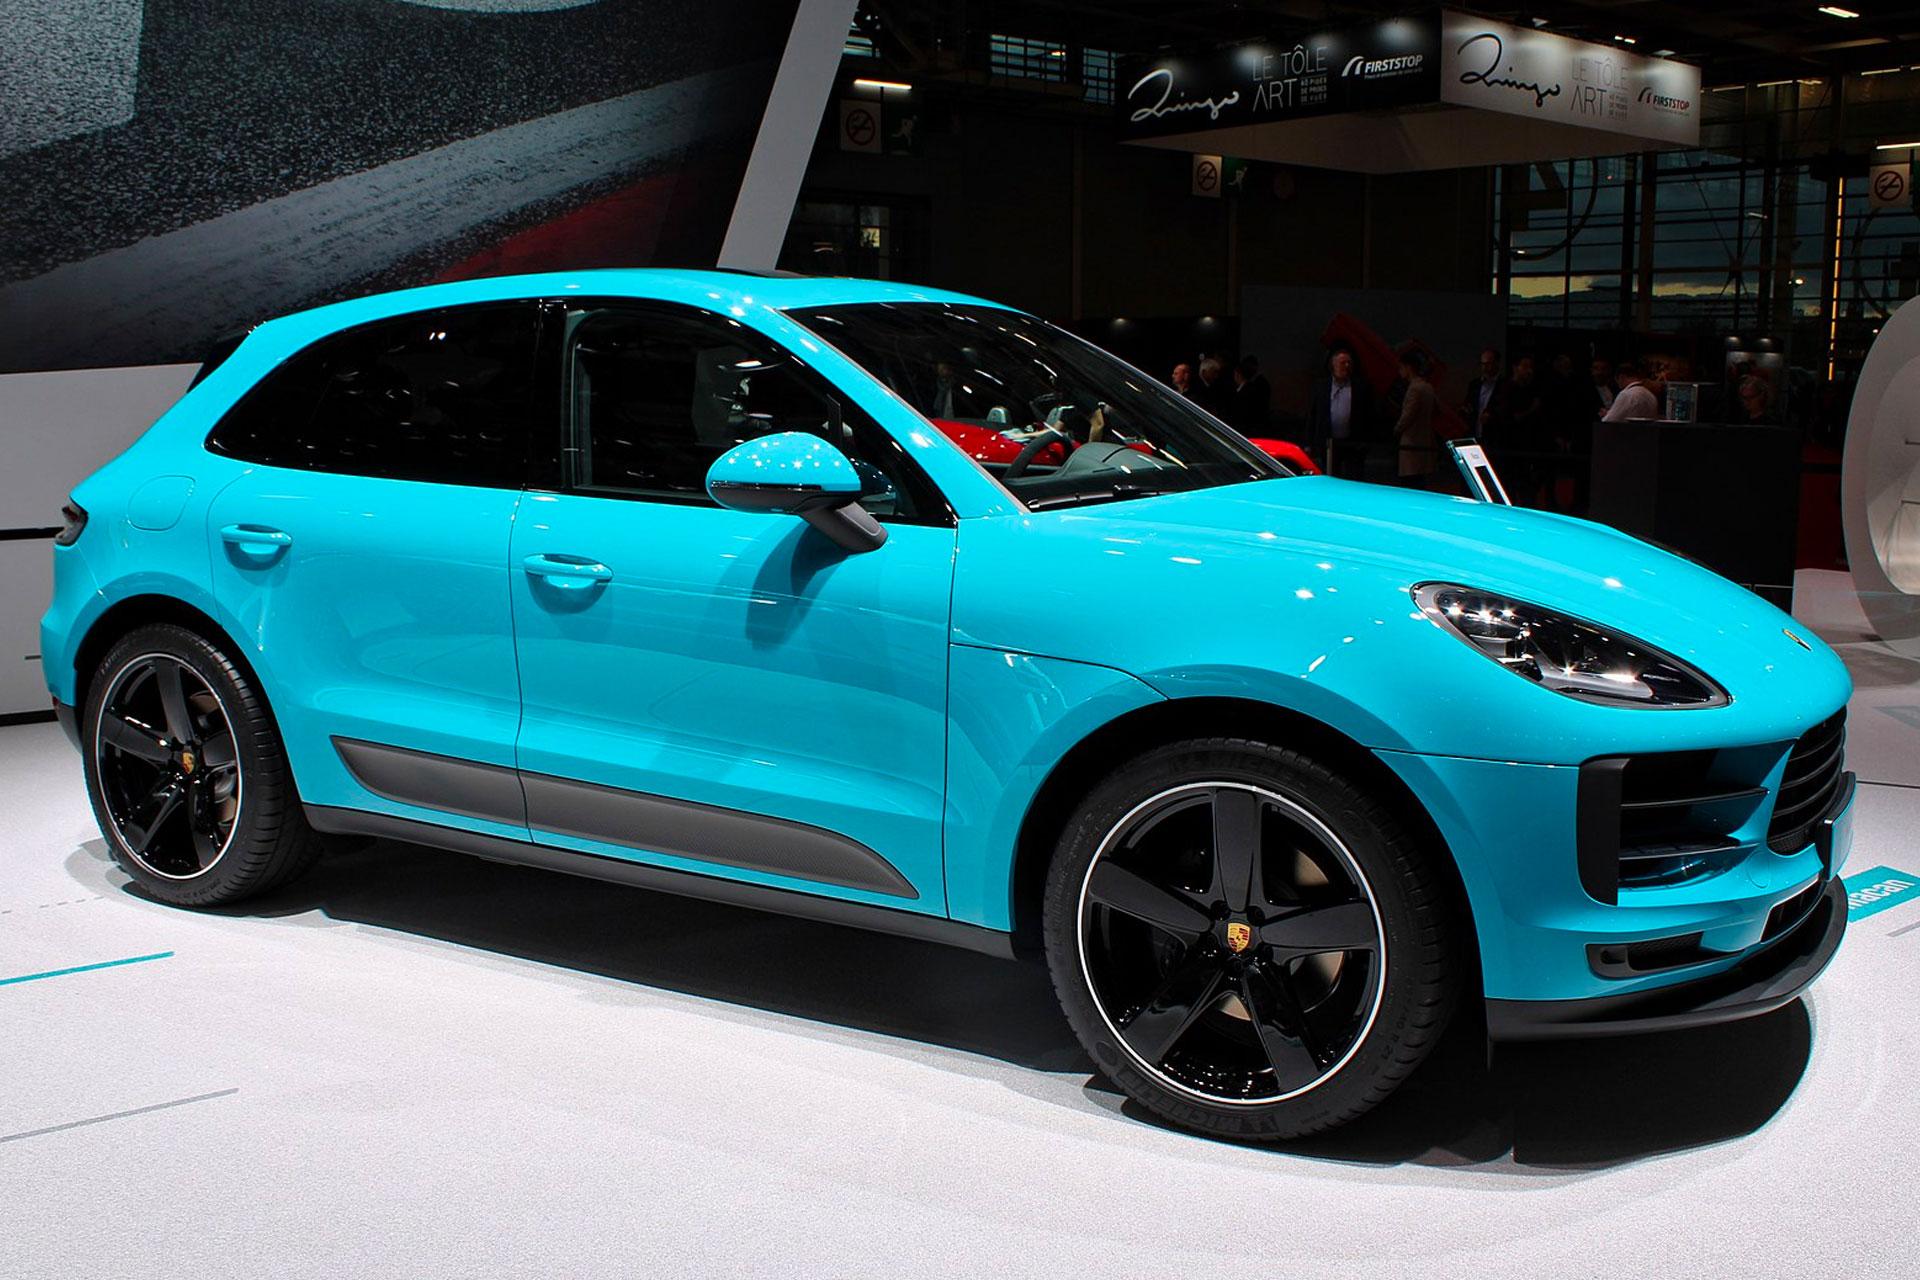 Porsche Macan family car